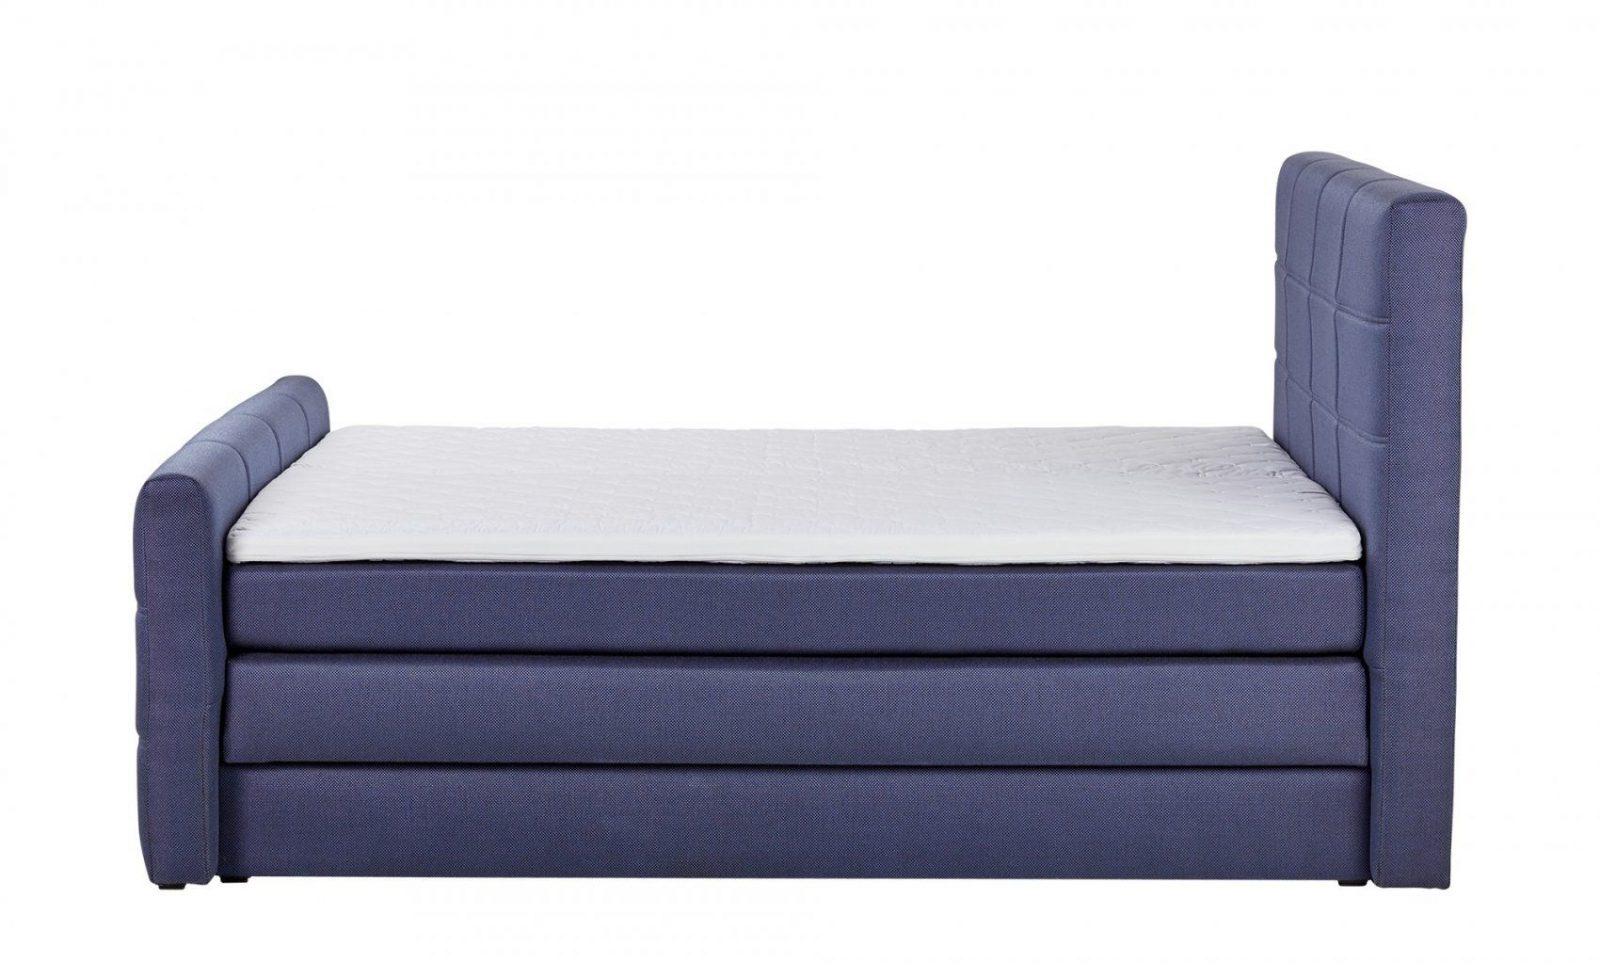 Boxspringbett Mit Bettkasten 180X200 Blau  Höffner von Höffner Boxspringbett Mit Bettkasten Bild